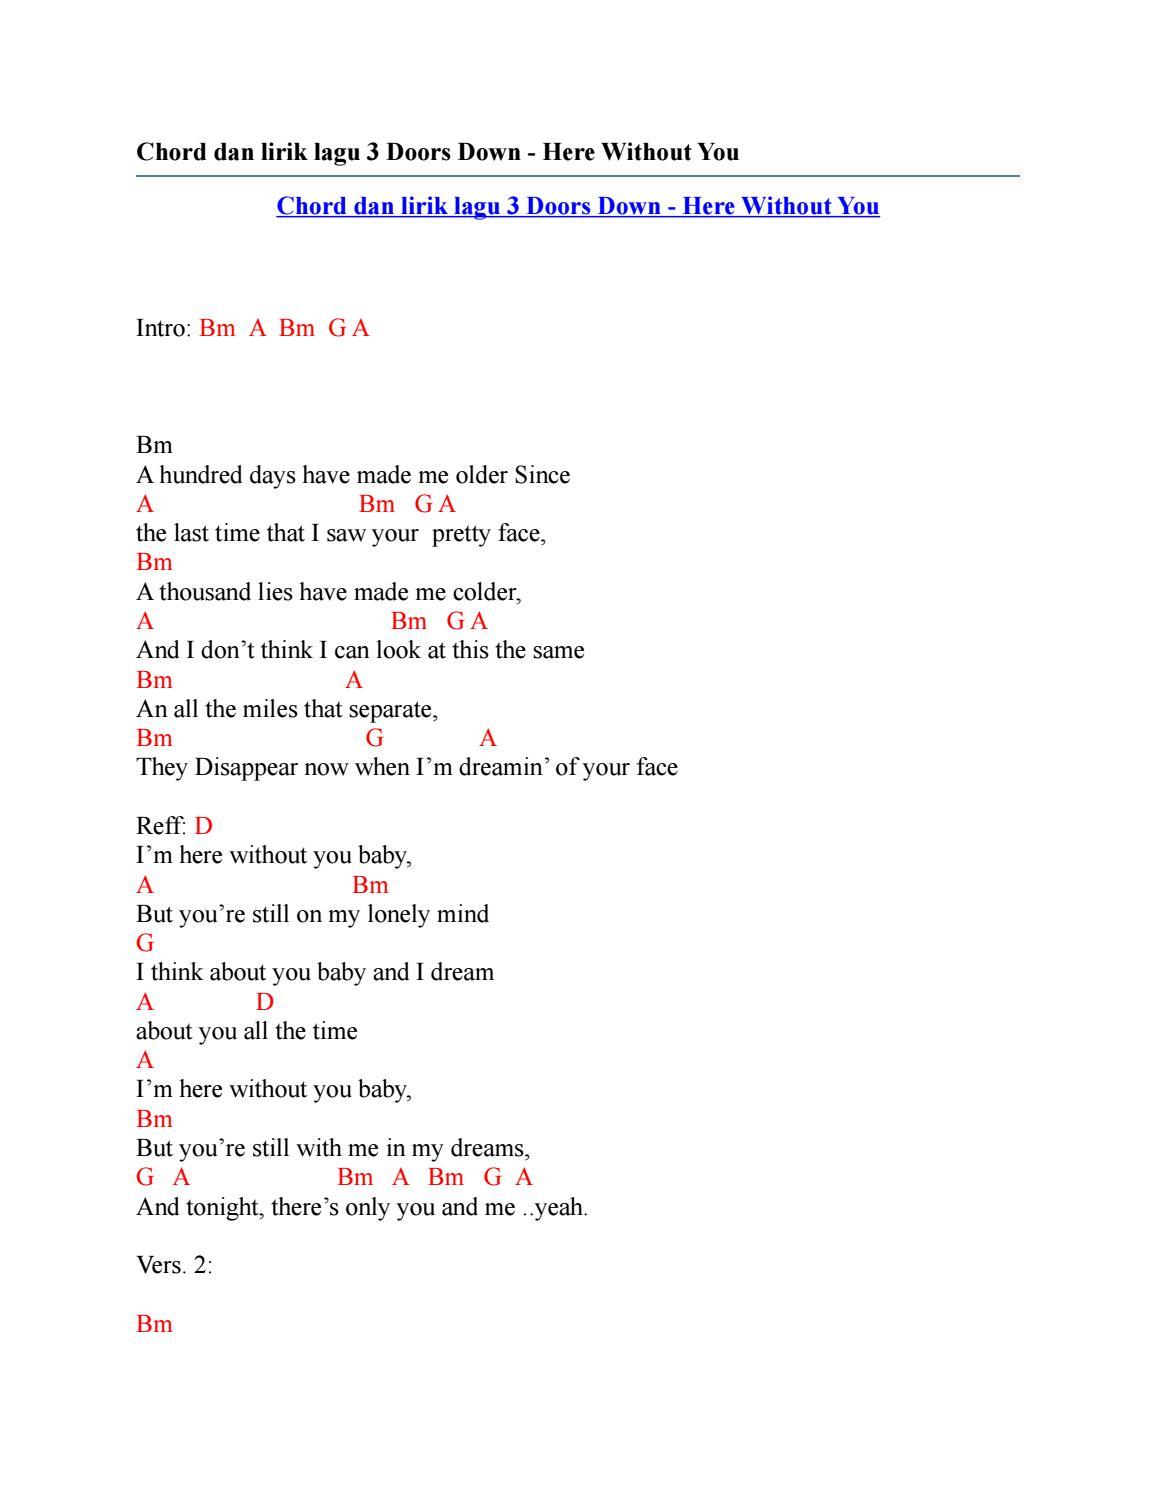 3 Doors Down - Here Without You Lyrics | AZLyrics.com